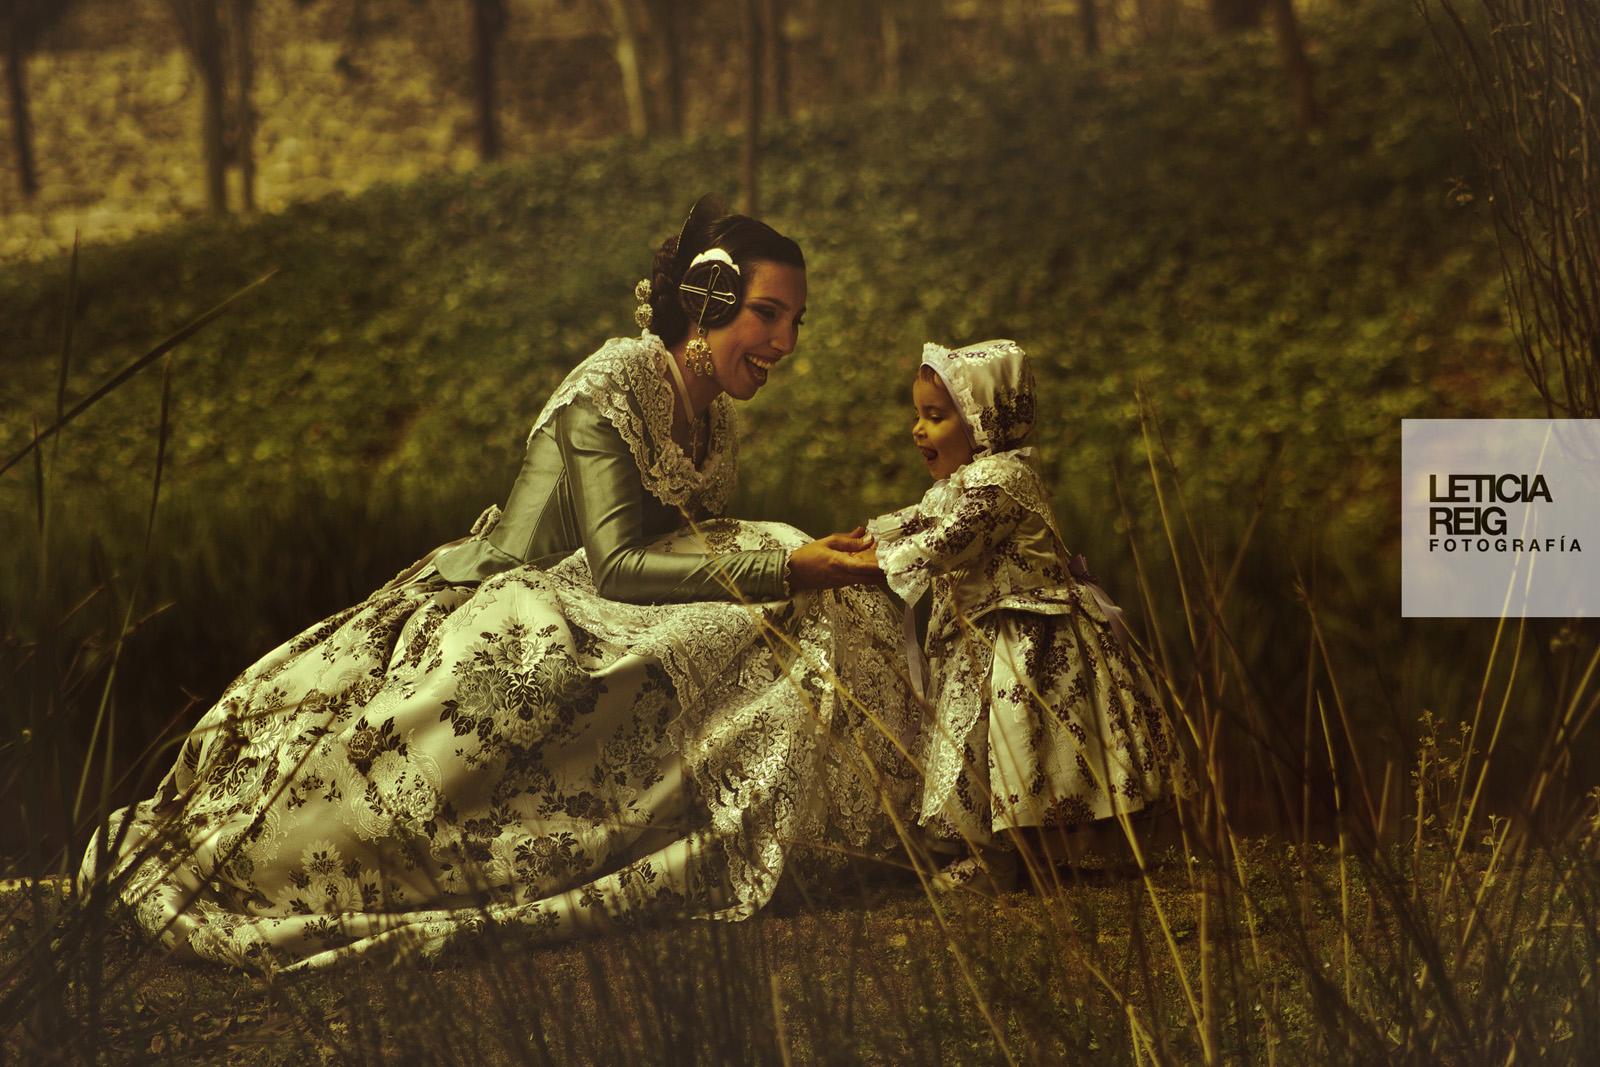 Fotografías artísticas a familia valenciana